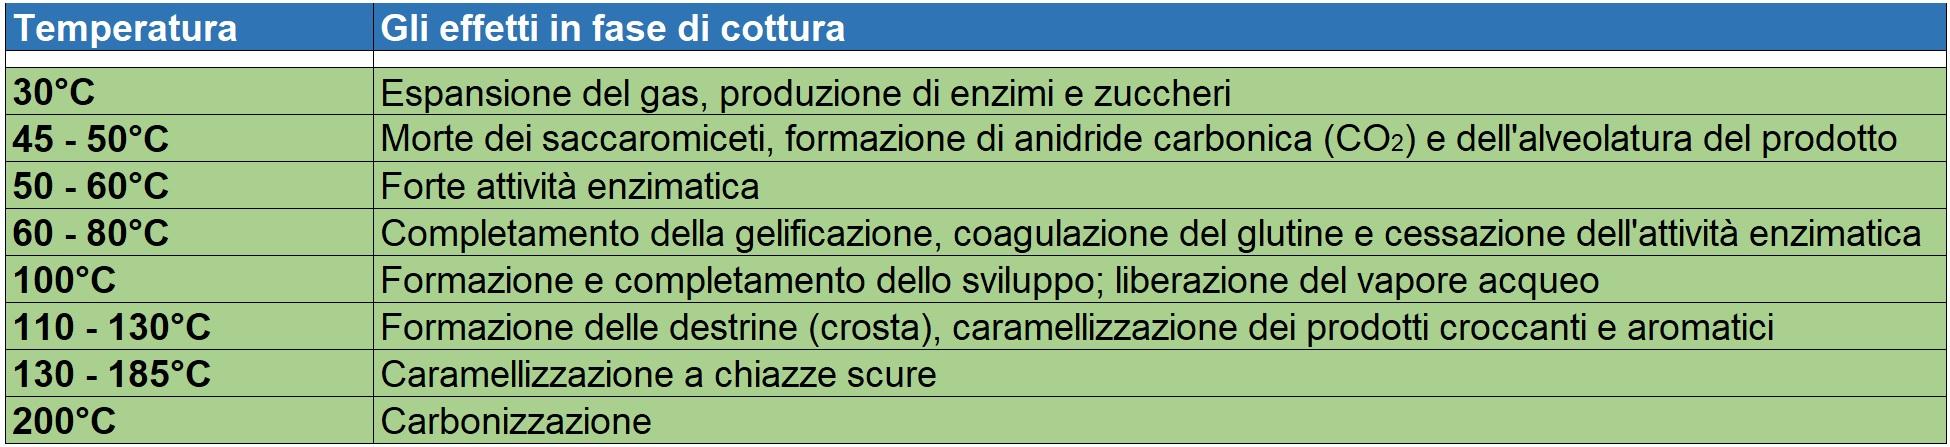 Tabella Cottura - Lievito